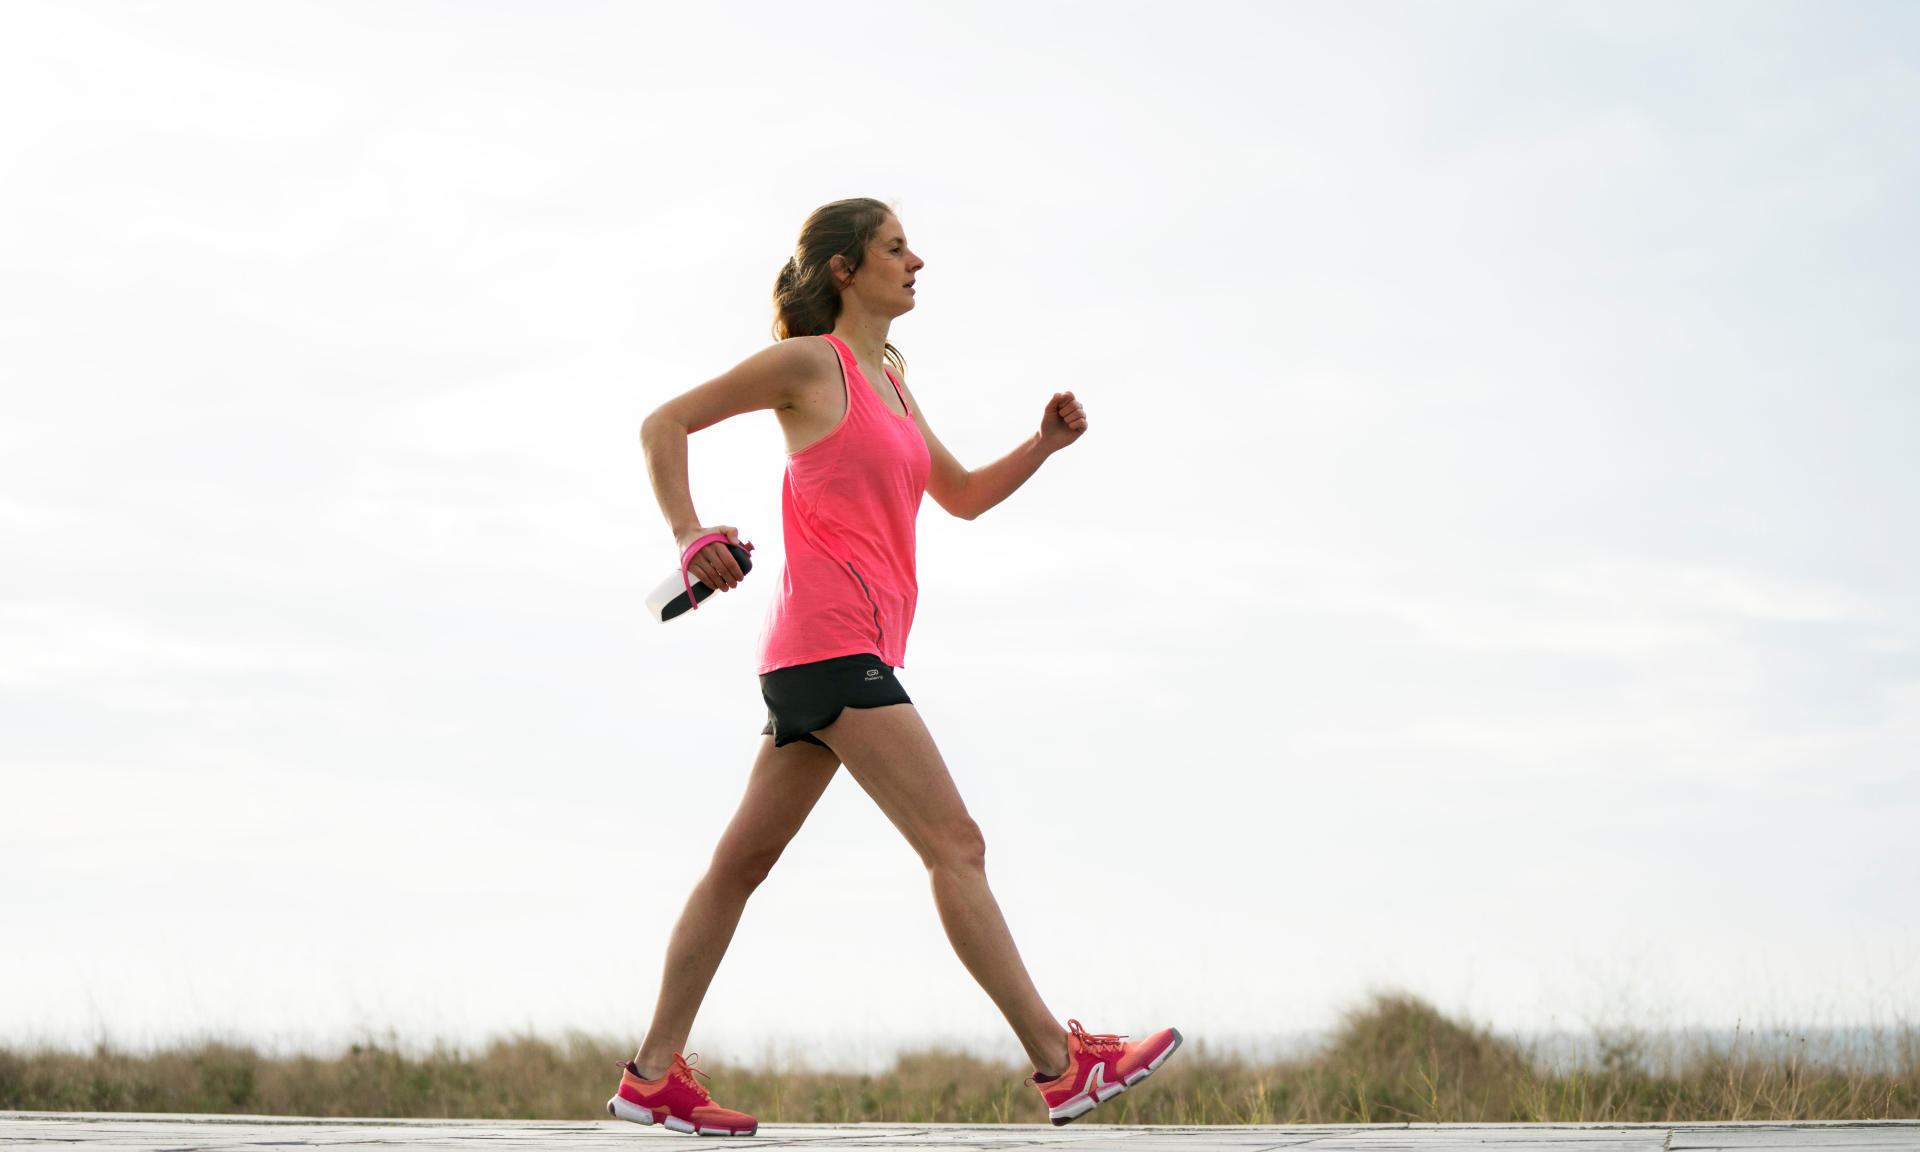 Đi bộ giảm cân như thế nào là đúng cách?